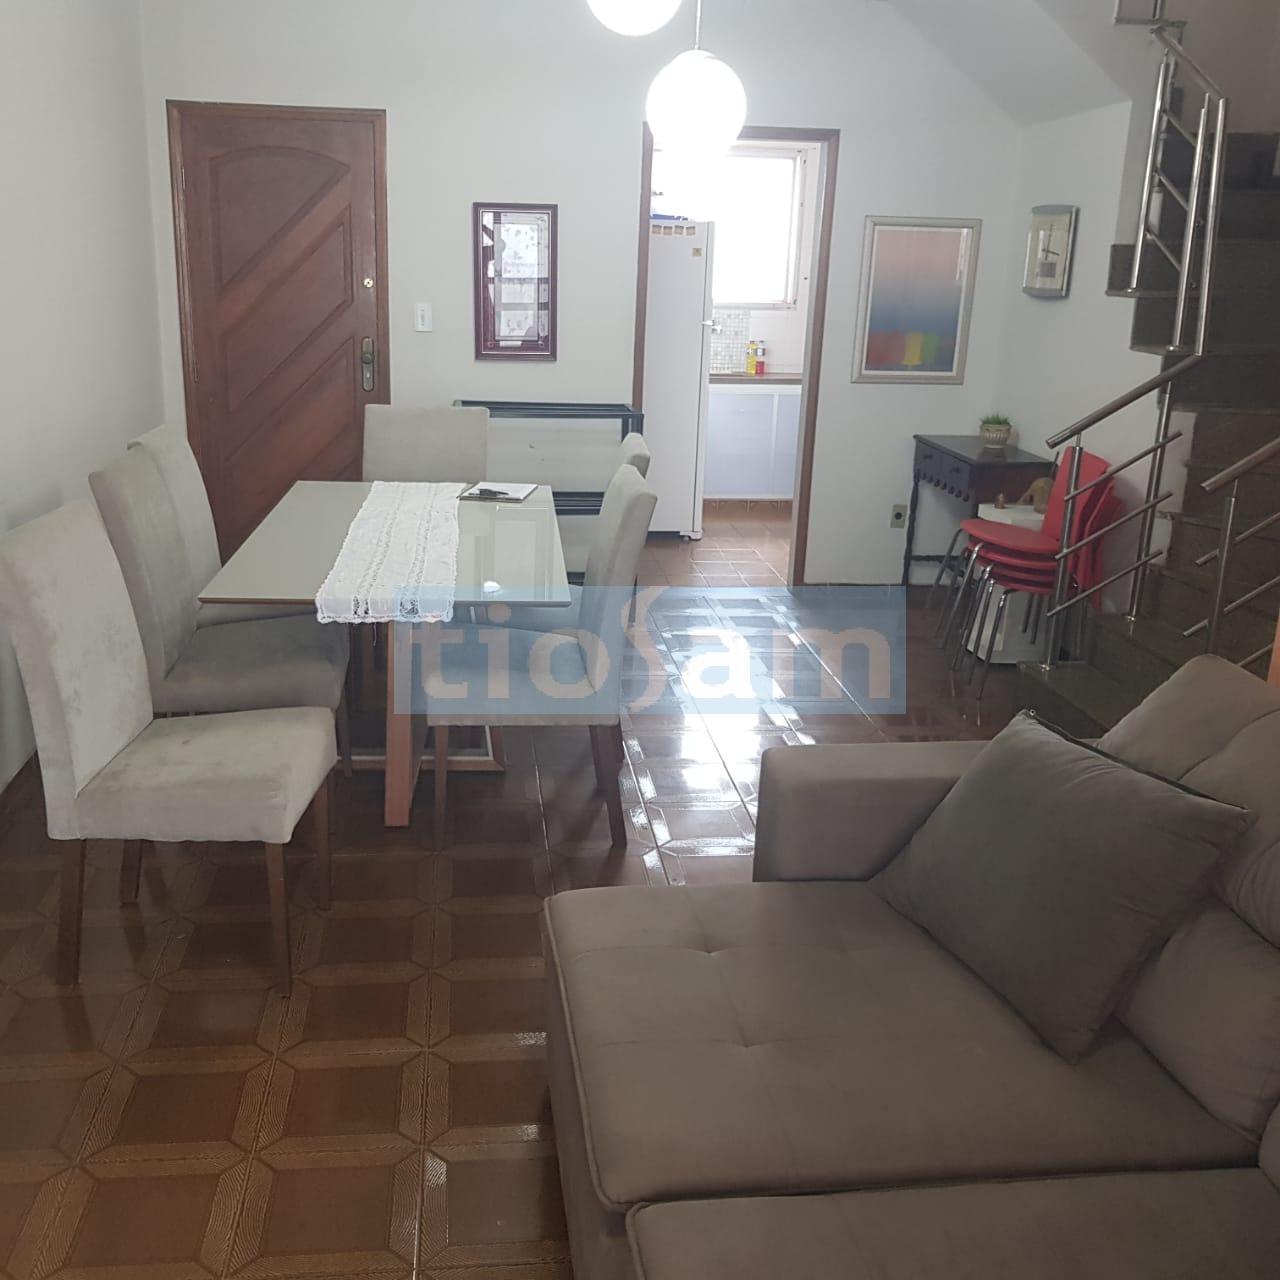 Cobertura Duplex mobiliada 4 quartos terceira rua do mar Praia do Morro Guarapari ES